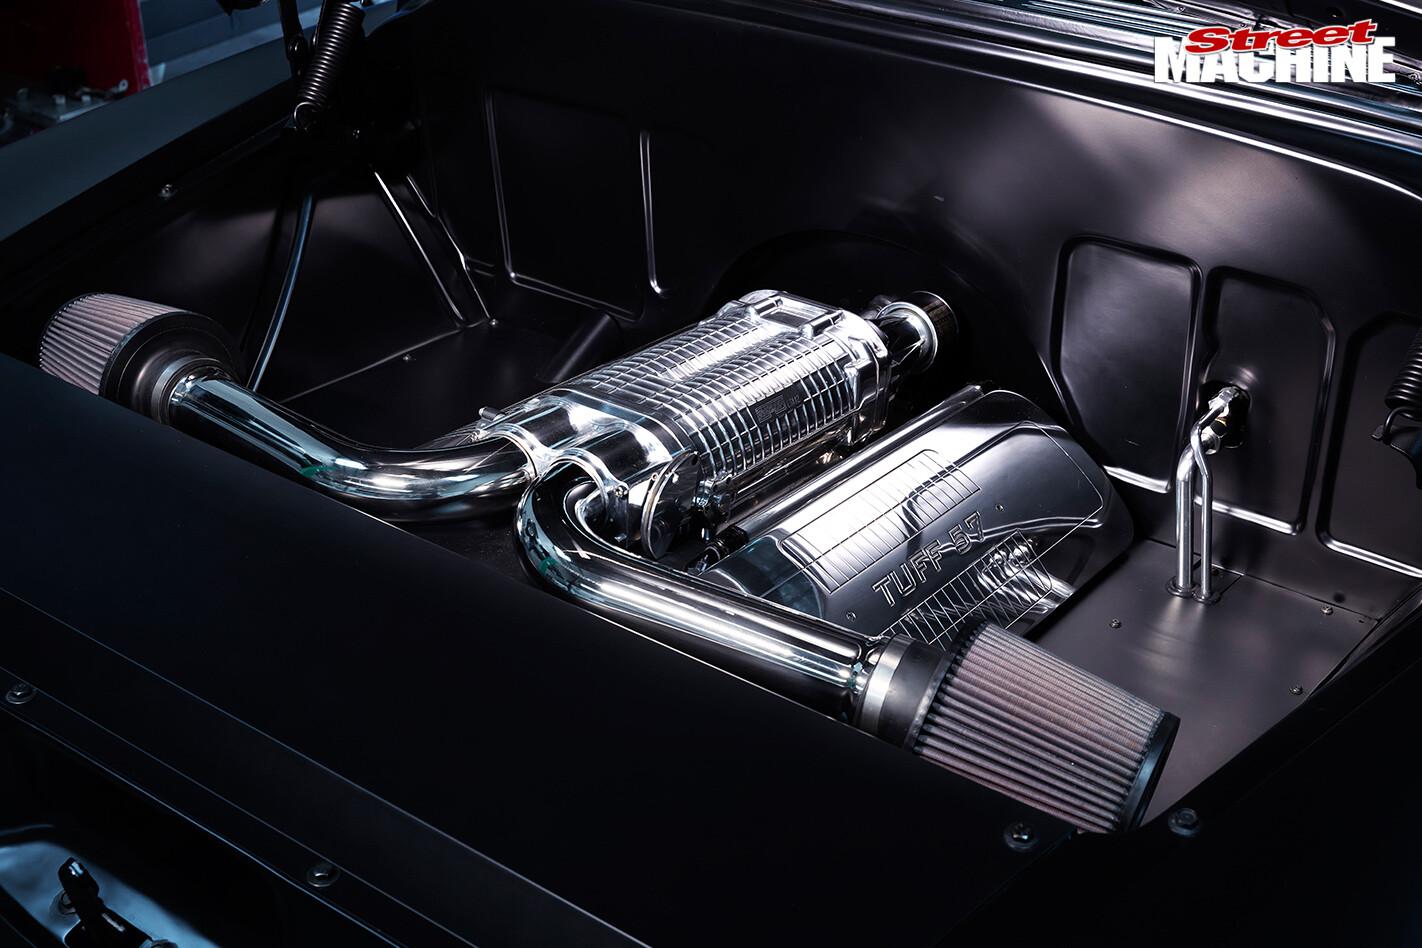 1957-chevy -pickup -engine